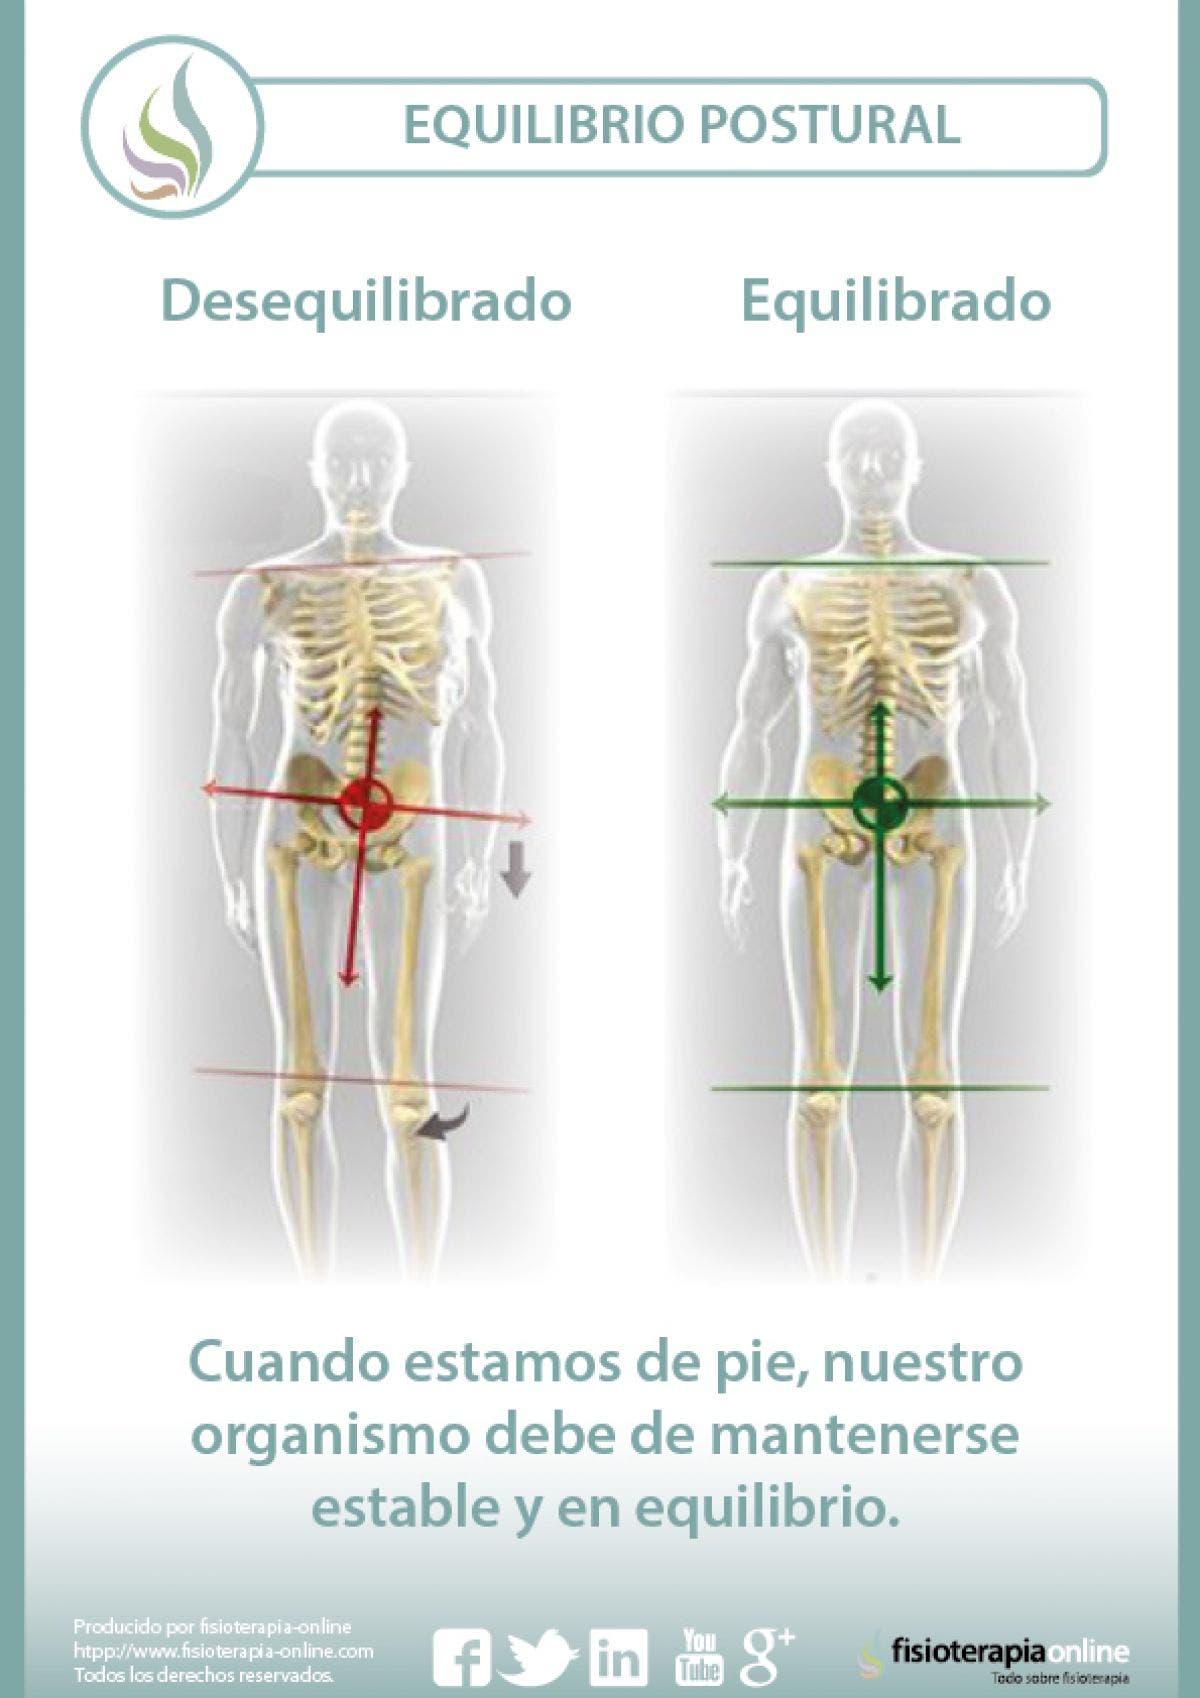 Equilibrio postural y disfunciones articulares o como las postura afecta a nuestro organismo